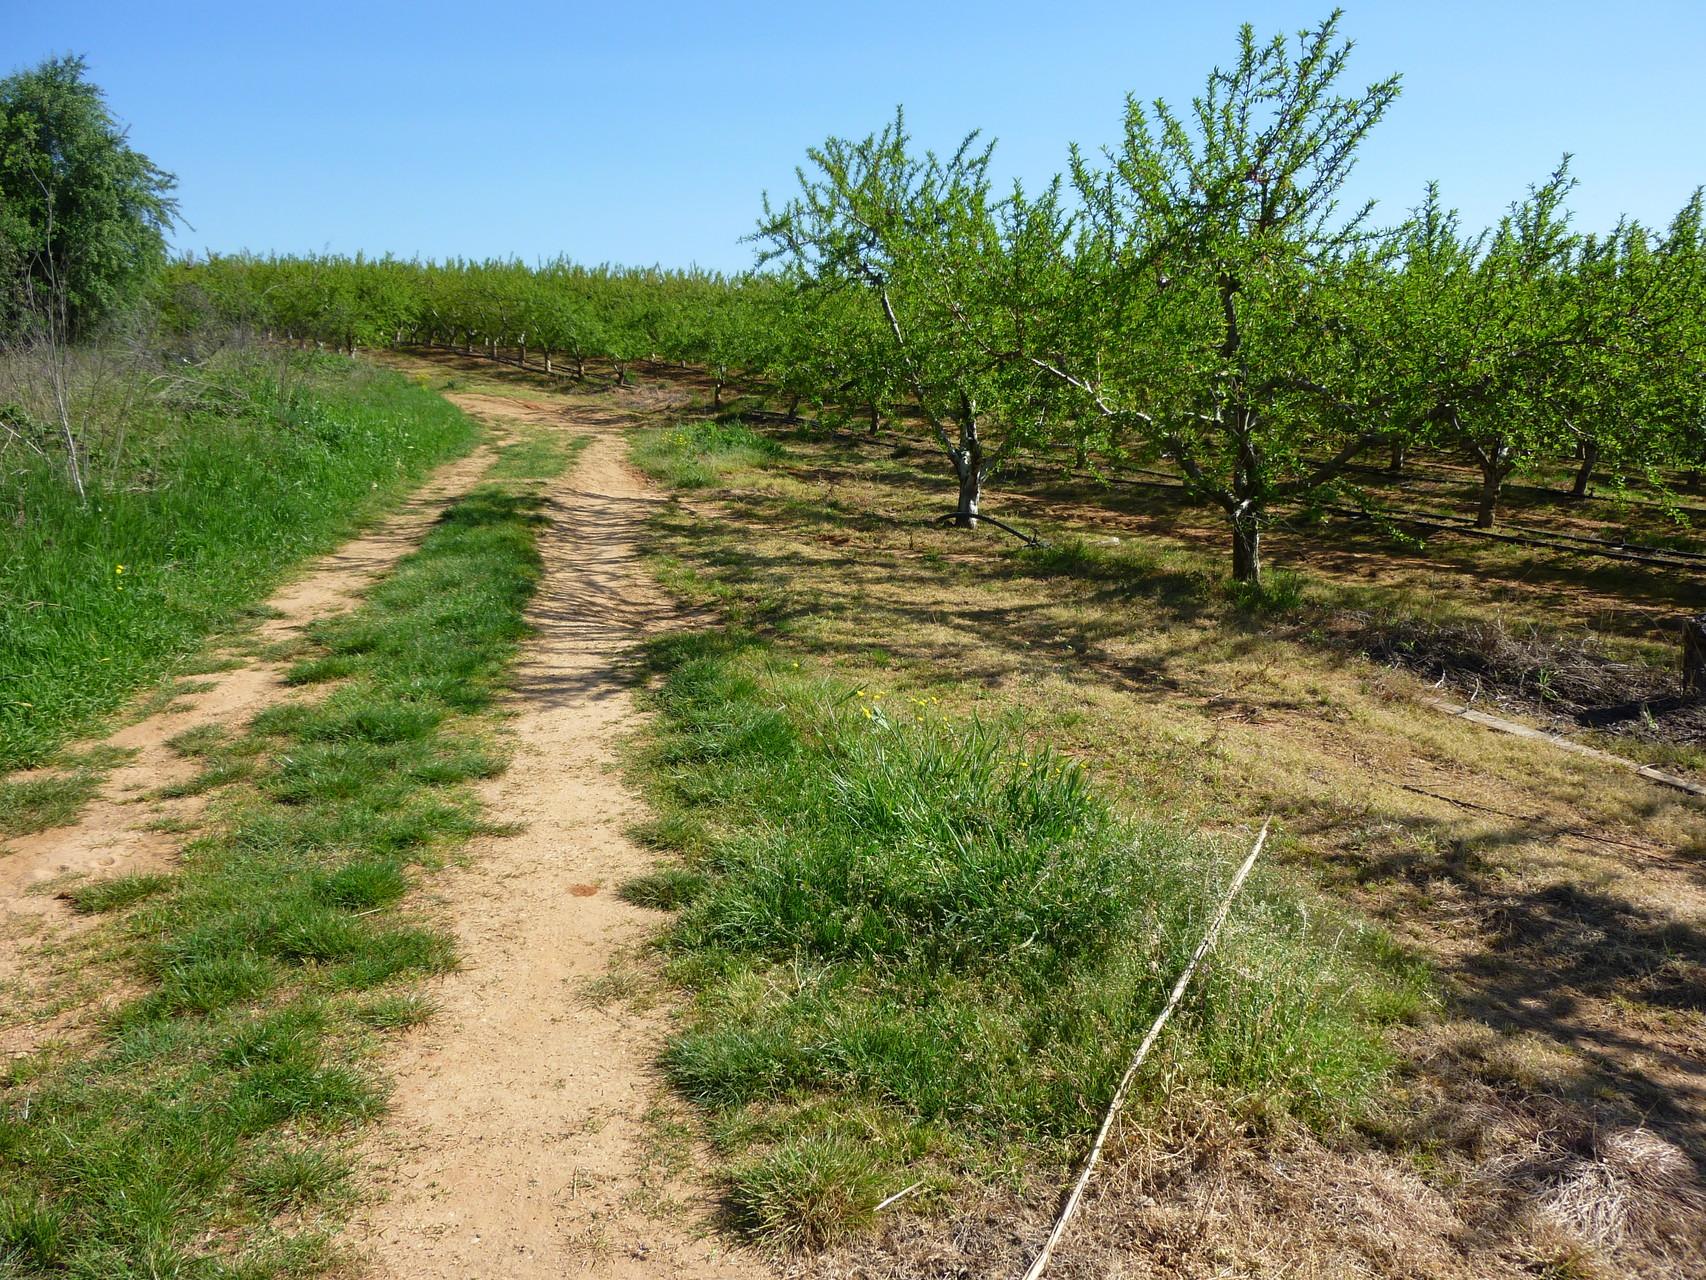 Le chemin démarre en traversant quelques champs d'oliviers et d'abricotiers